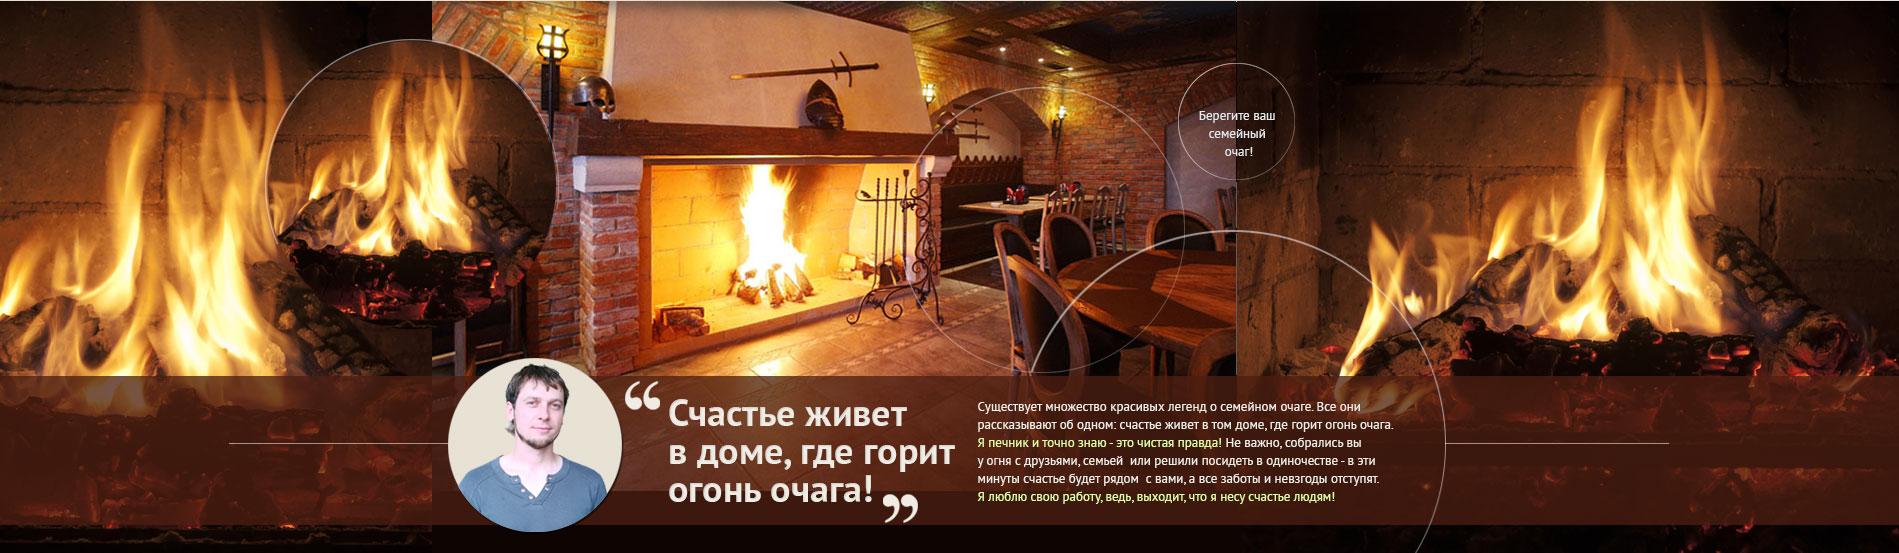 Печной мастер Александр Бушуев, печник, трубочист. Кладка печей каминов летних кухонь барбекю мангалов.